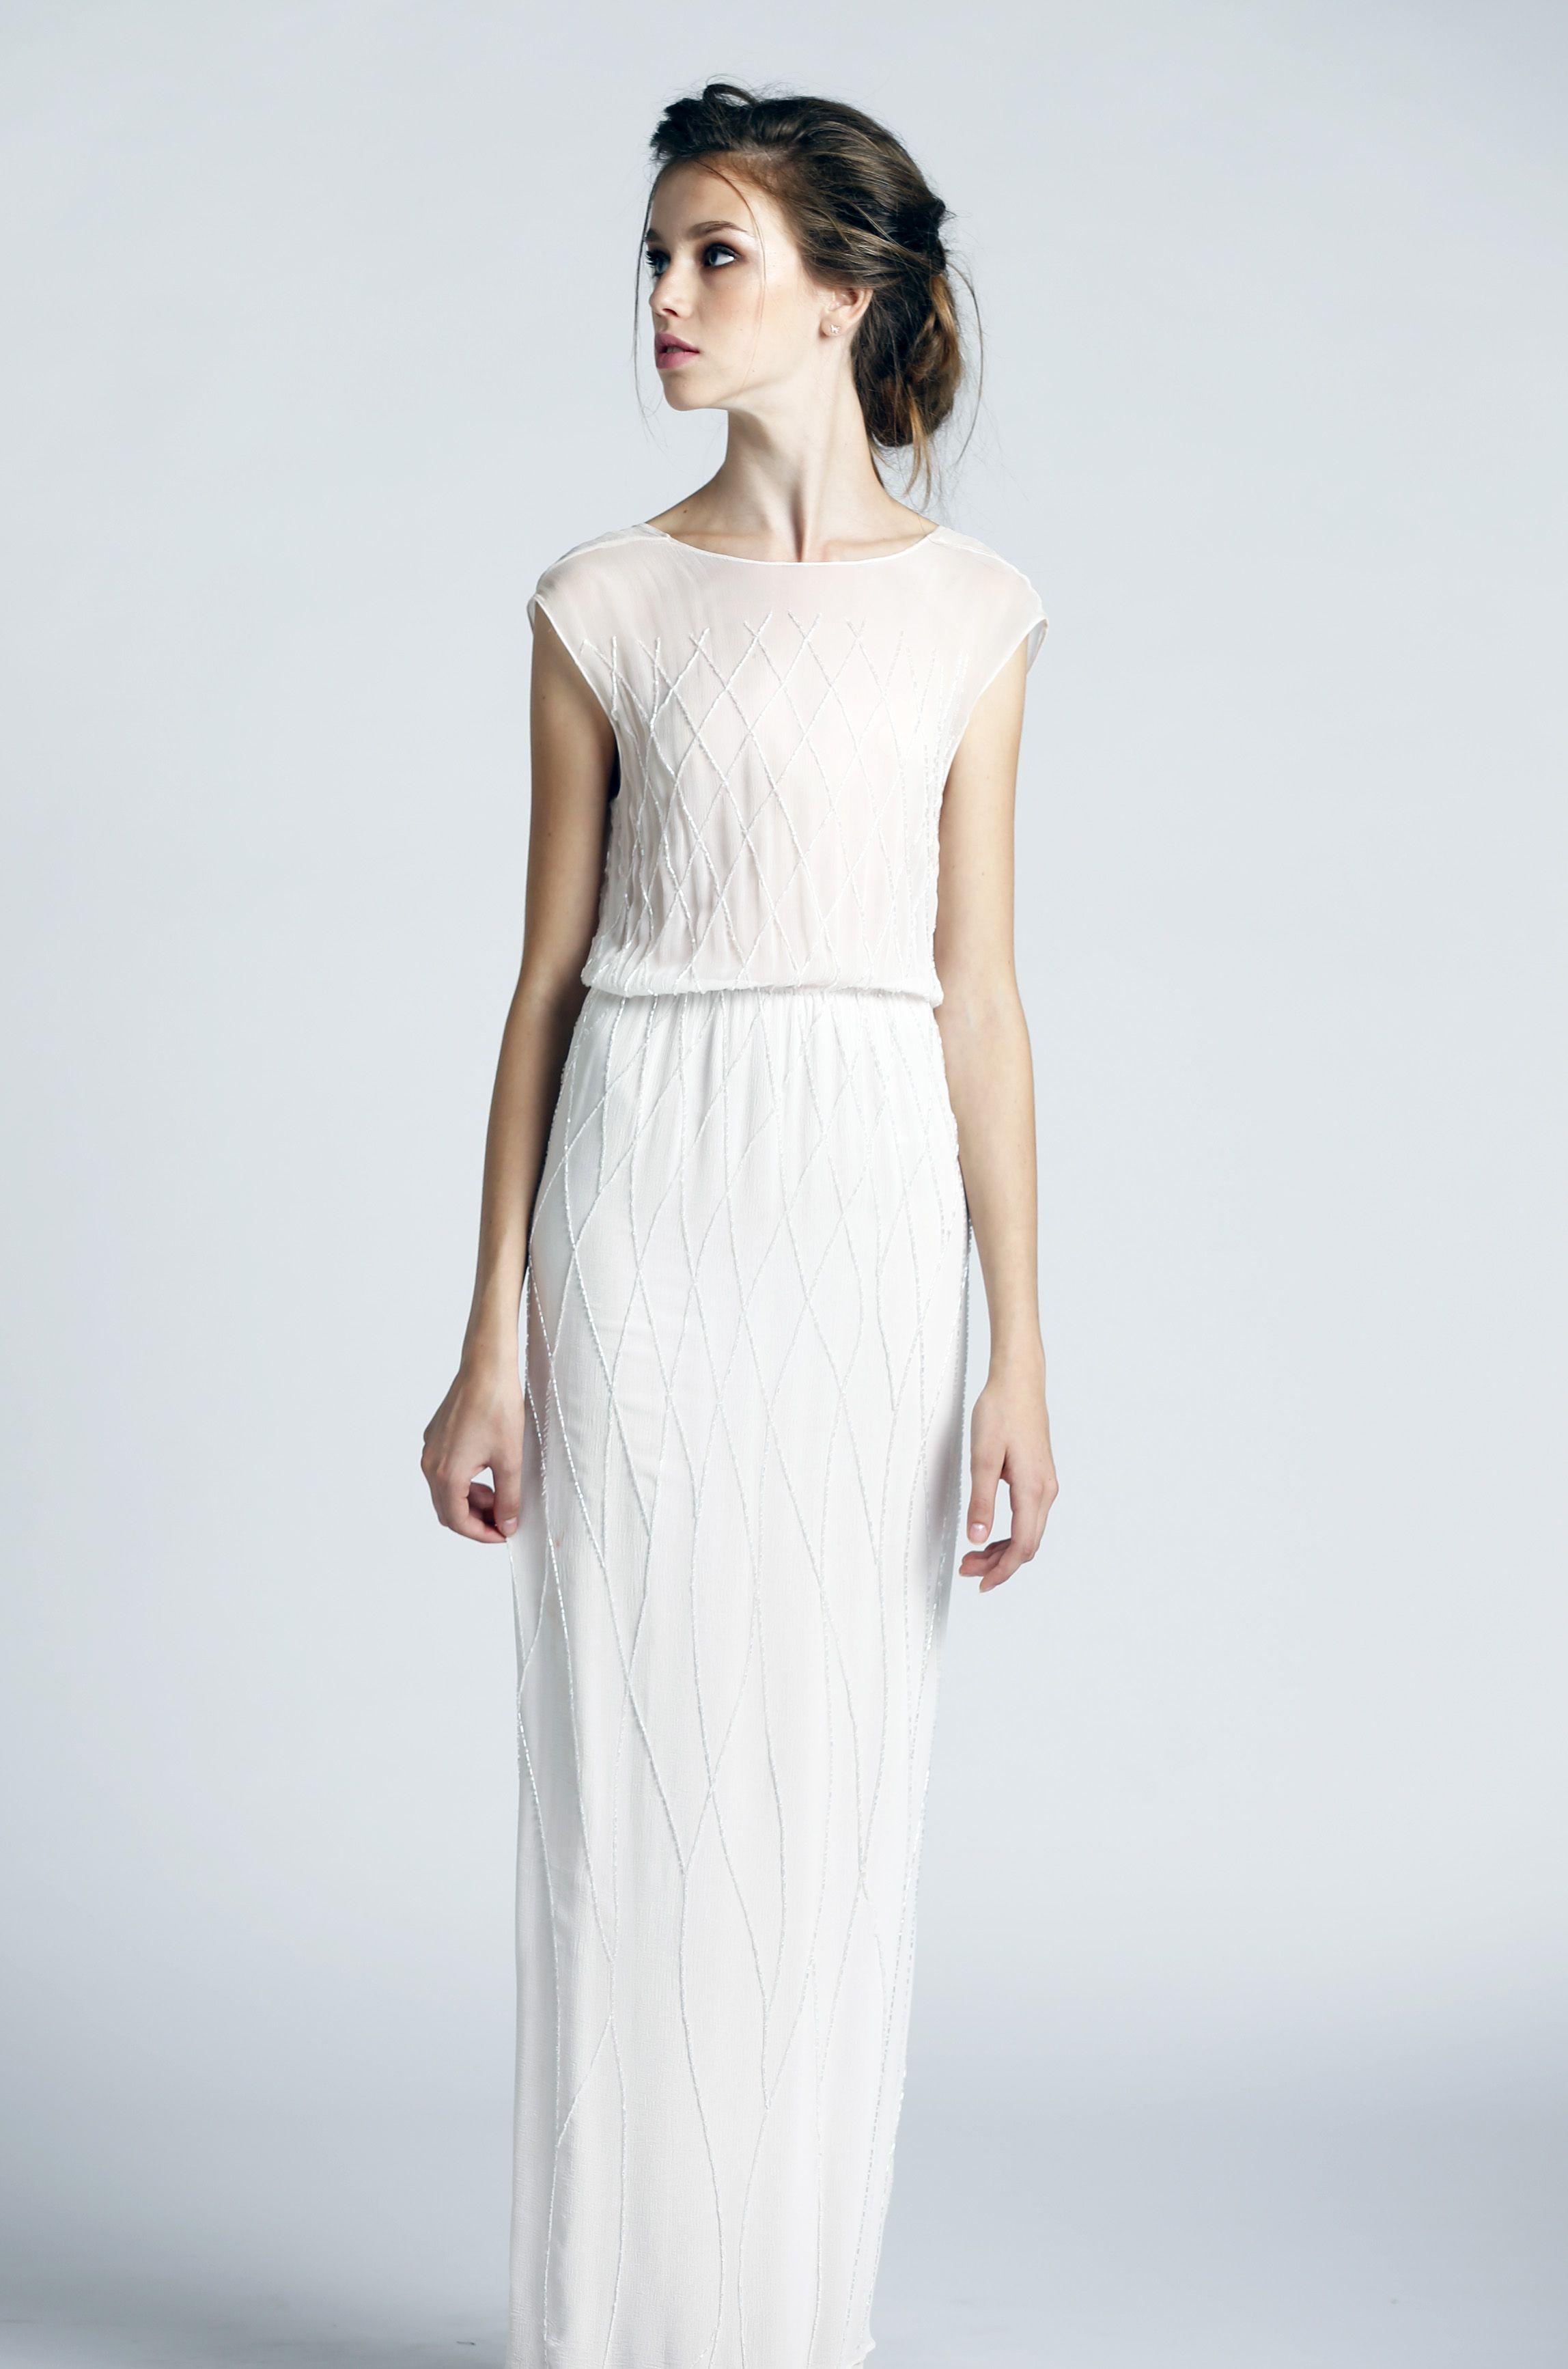 Pin by Steve Anthony on Tiffany Keller | Fashion, White